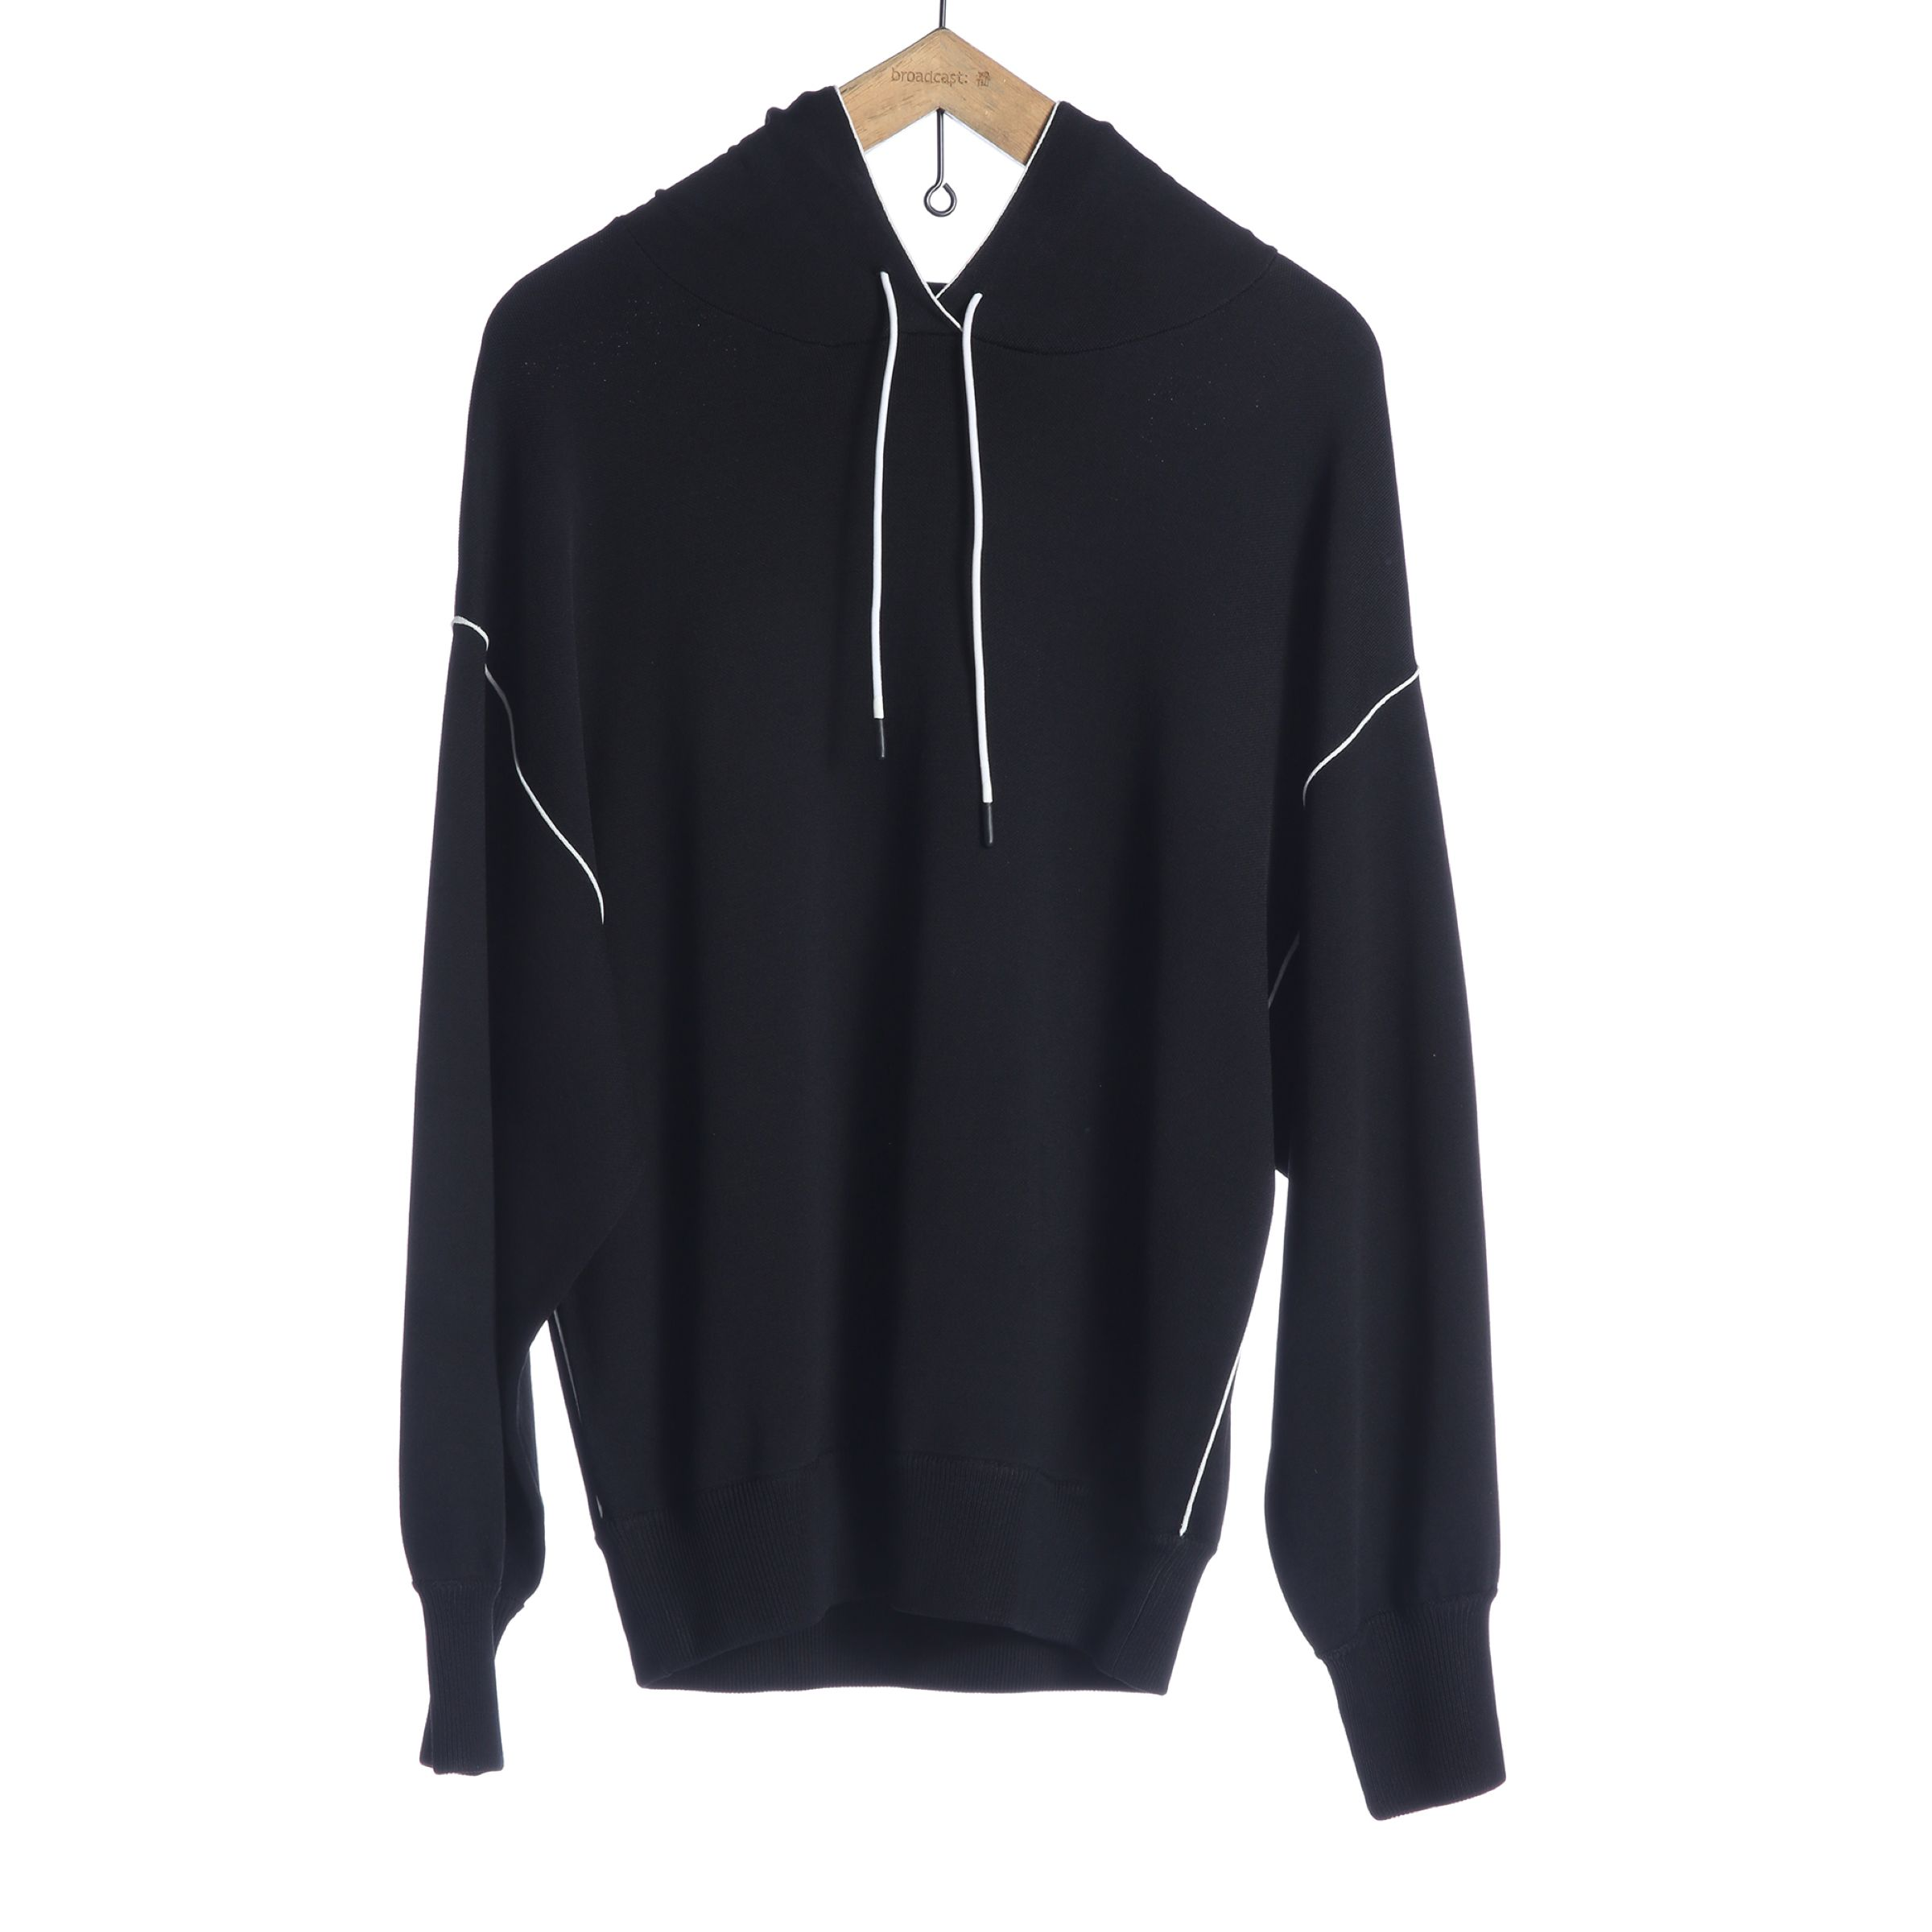 女毛衫  BDL1S409  播2018新款毛衫  专柜正品代